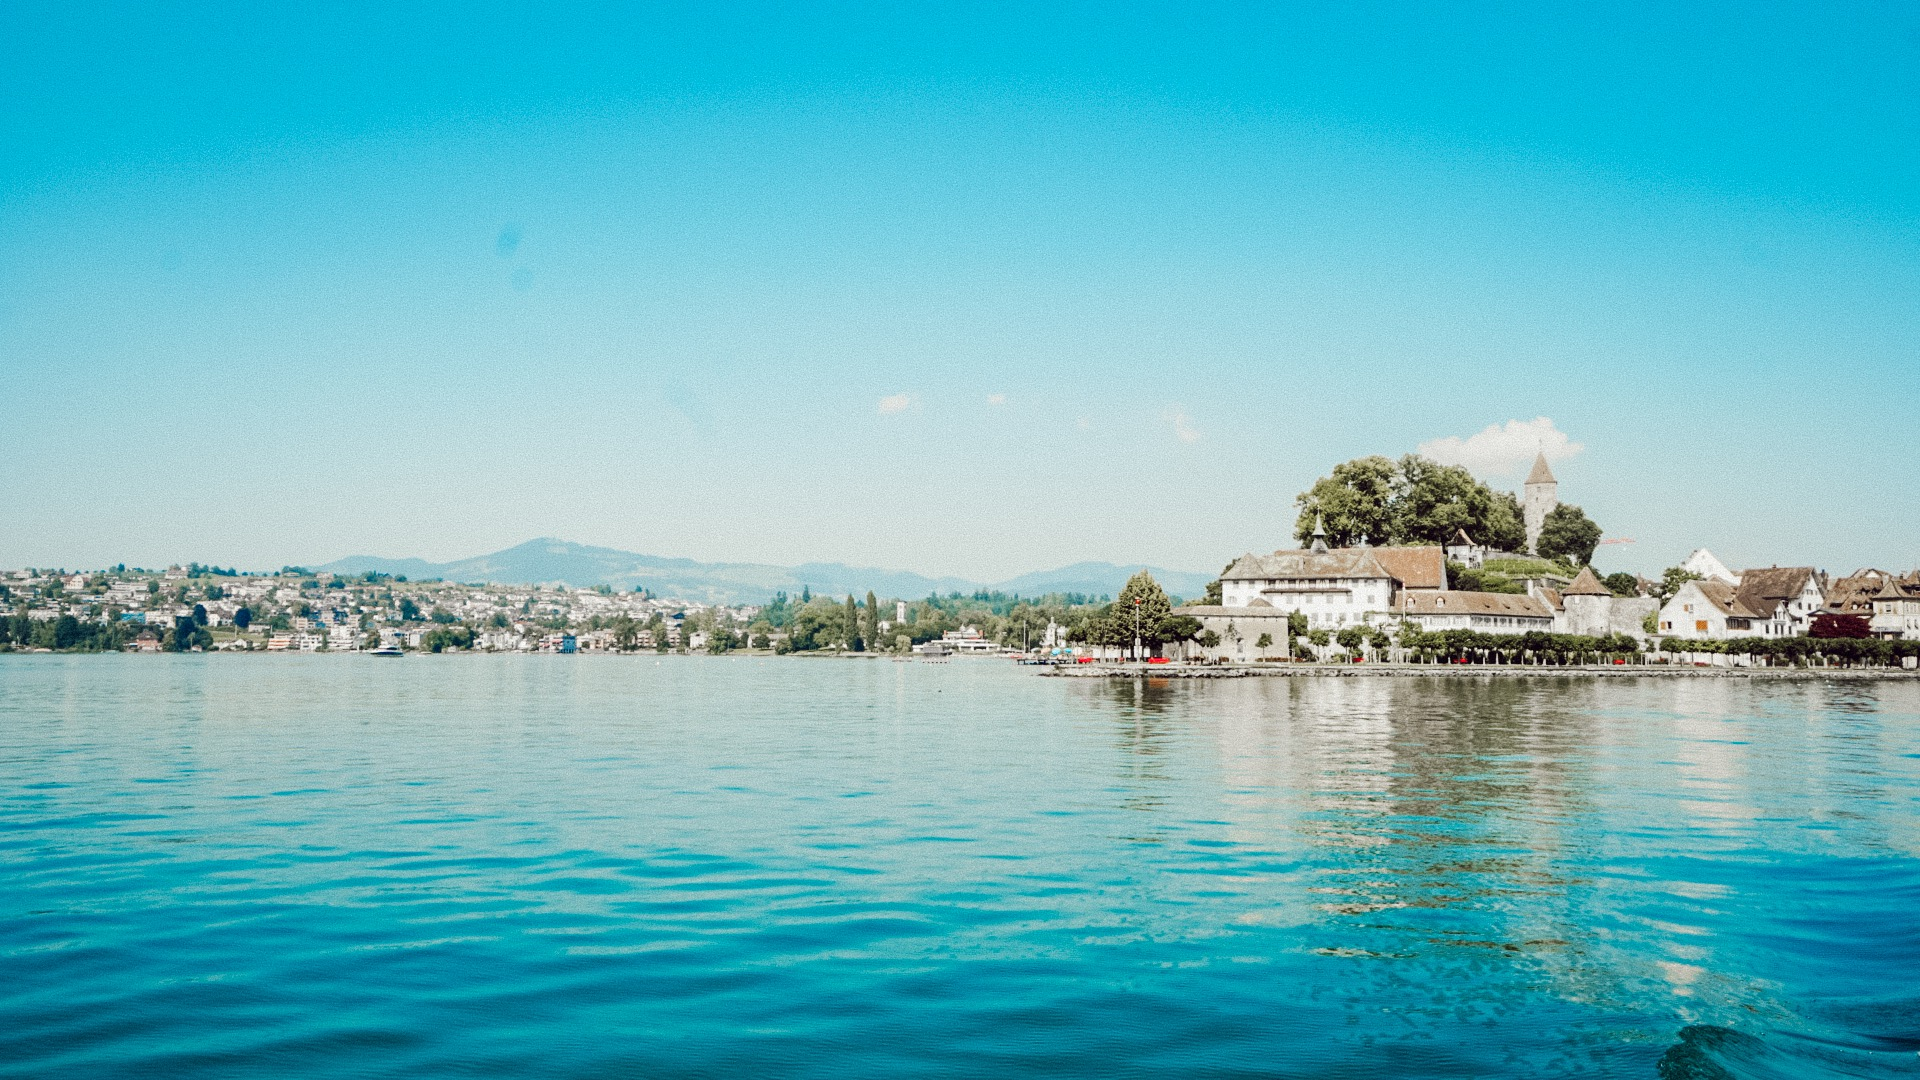 lago-zurique.JPG